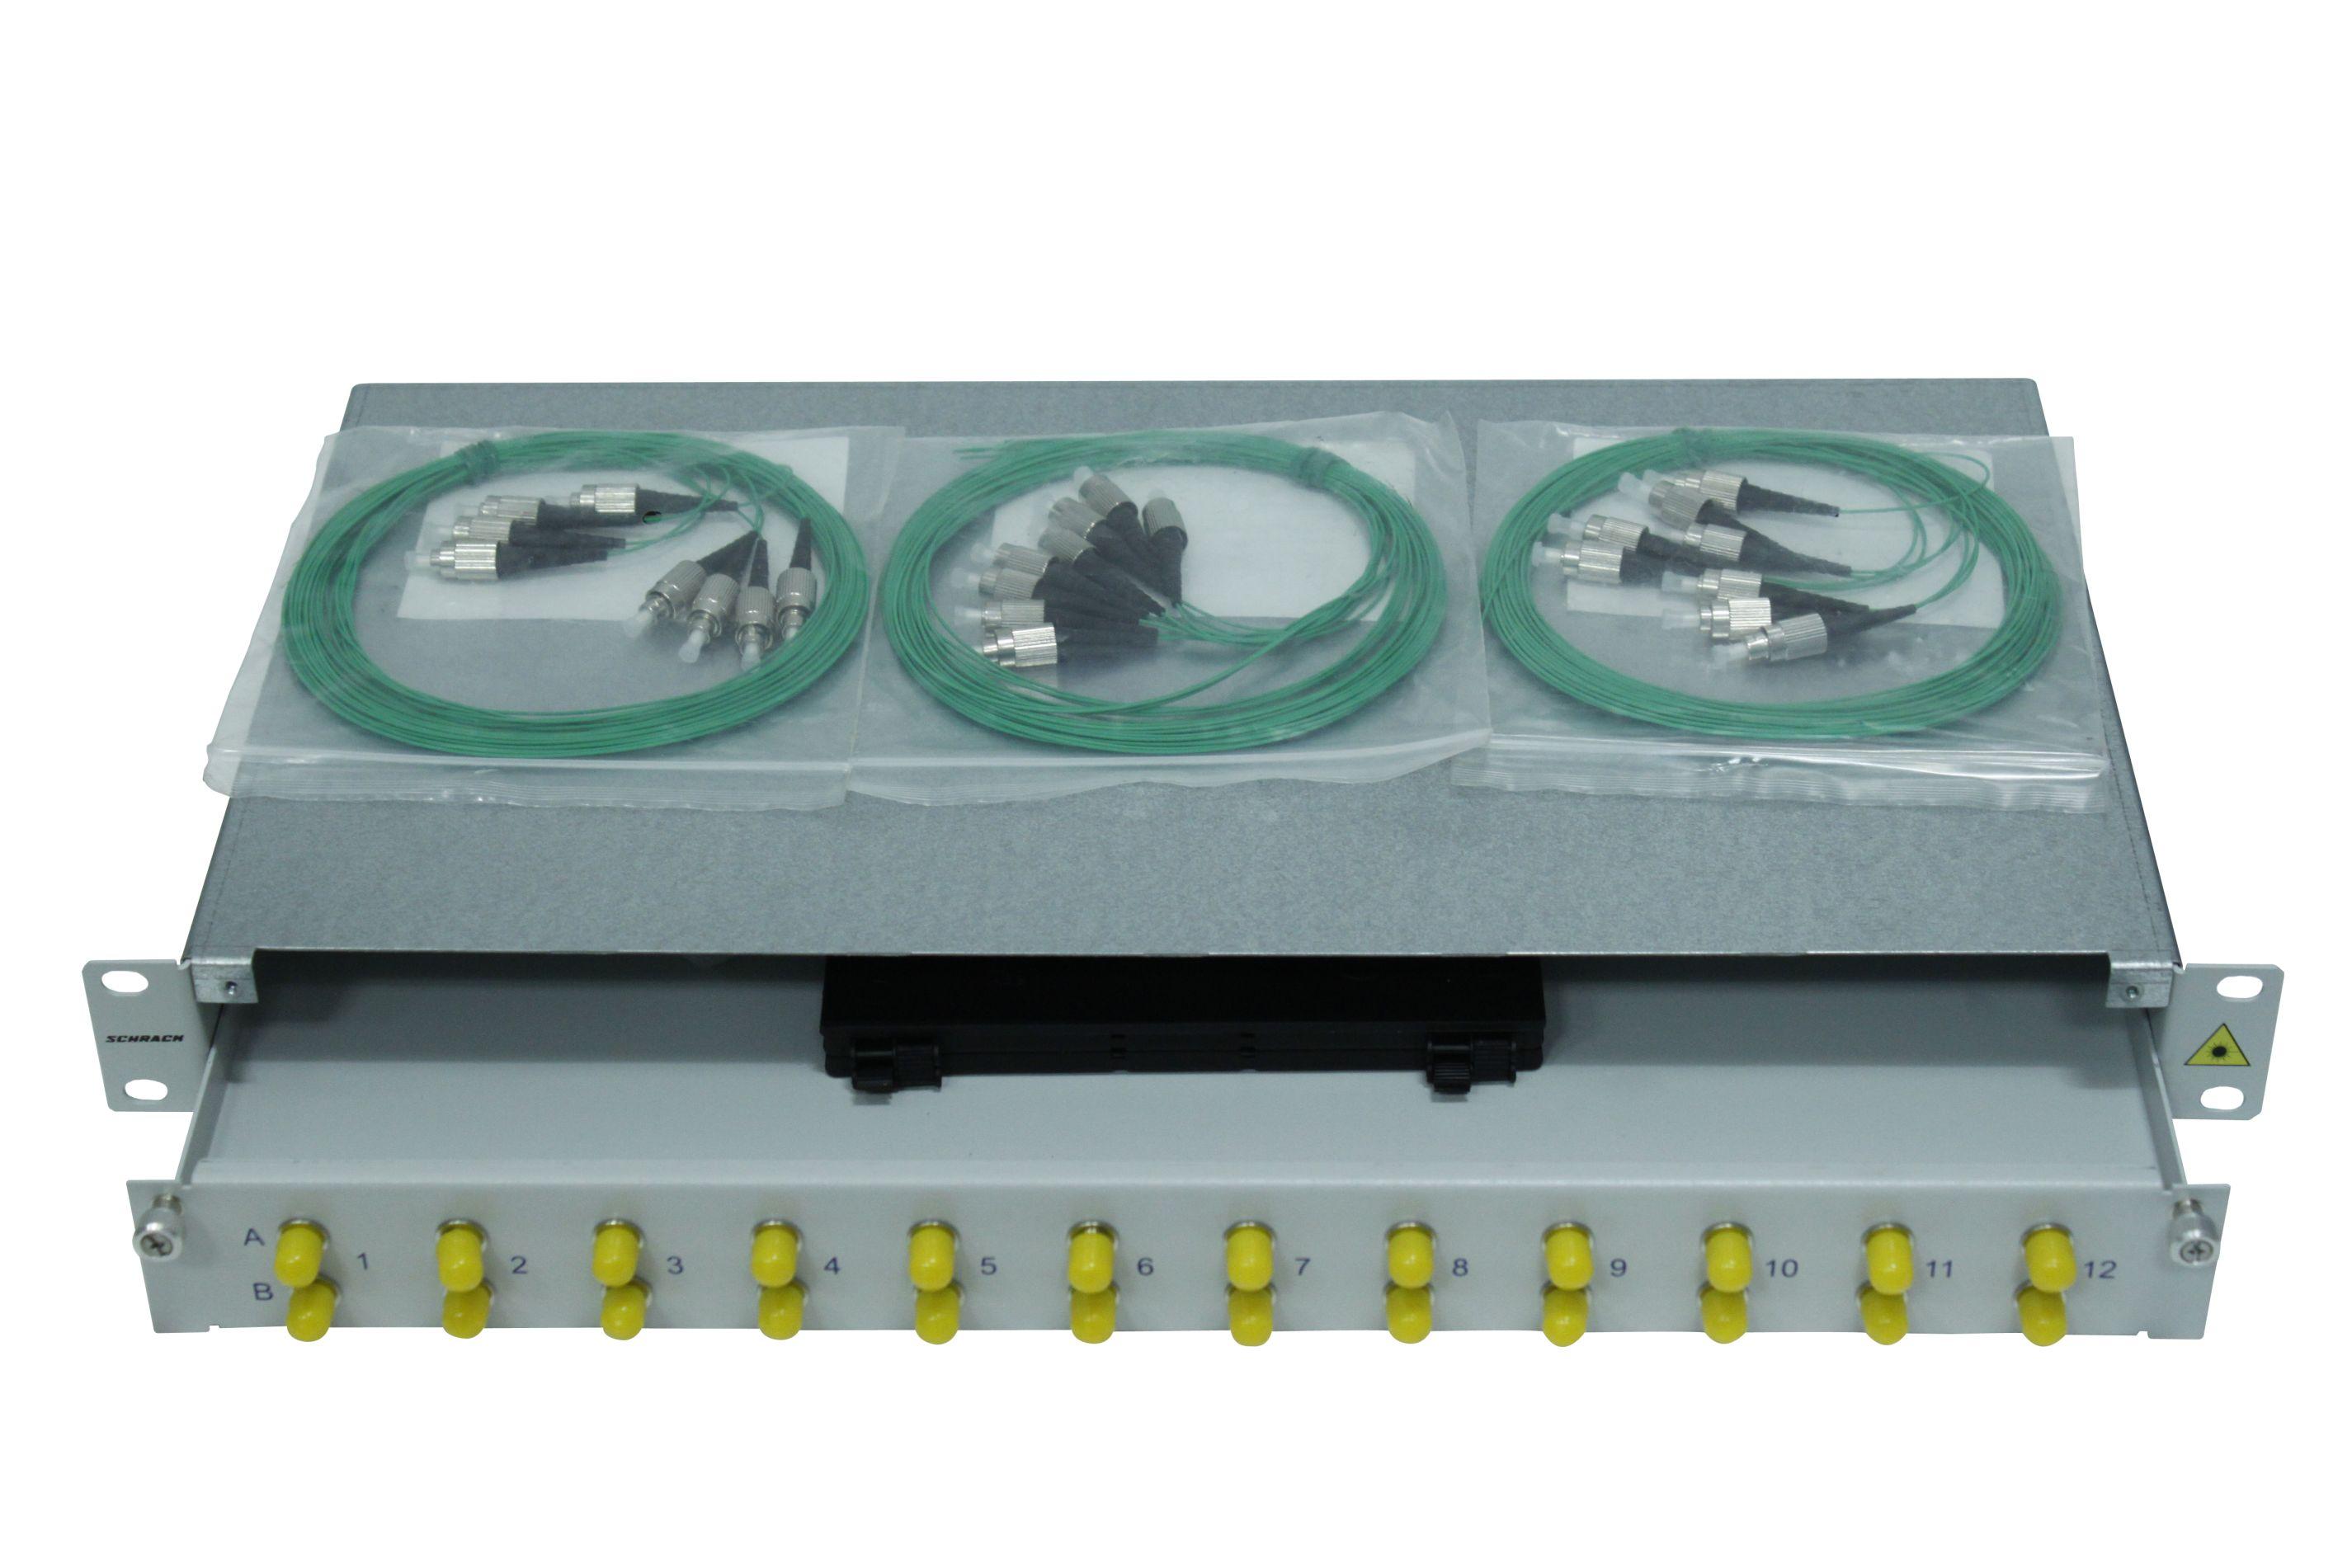 1 Stk LWL Spleißbox, 4Fasern,FC,50/125µm OM2, ausziehbar,19,1HE HSELS045FG